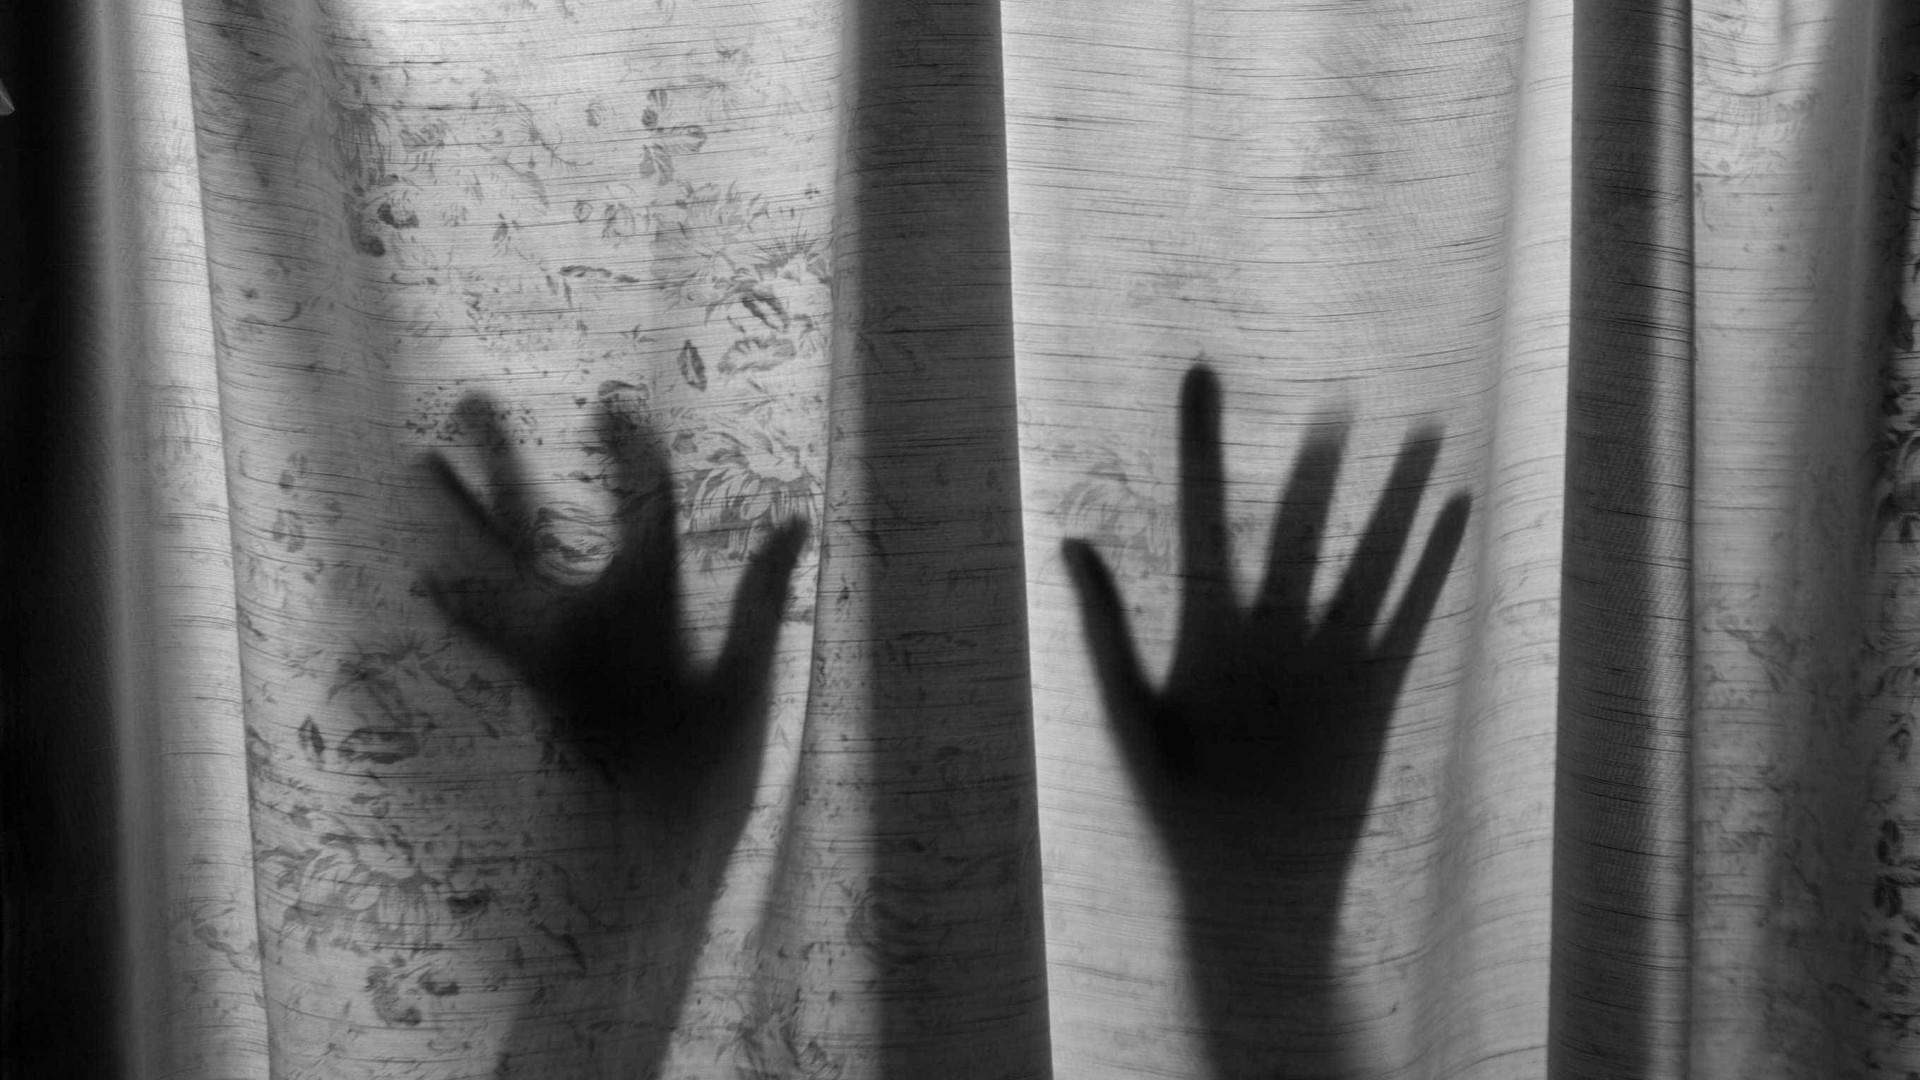 Parlamento aprova recomendações de combate à violência doméstica